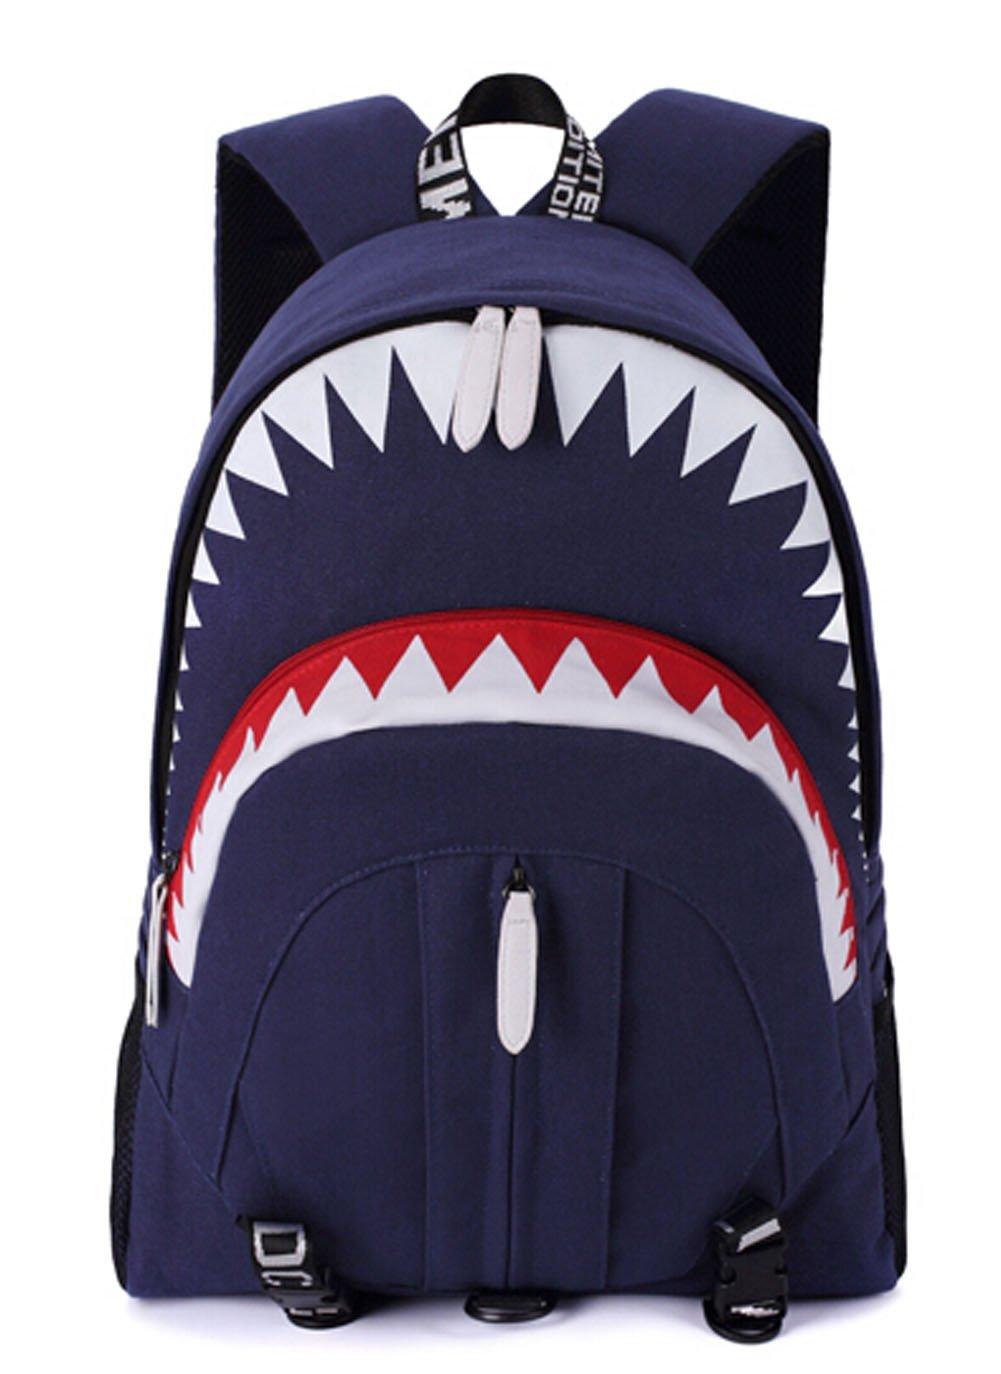 Unisex Persönlichkeit Sharks Sharks Sharks Stil Knapsack Segeltuch-Schule-Beutel-Spielraum beiläufige Rucksäcke B01FAFQQC0 | Günstigen Preis  661388